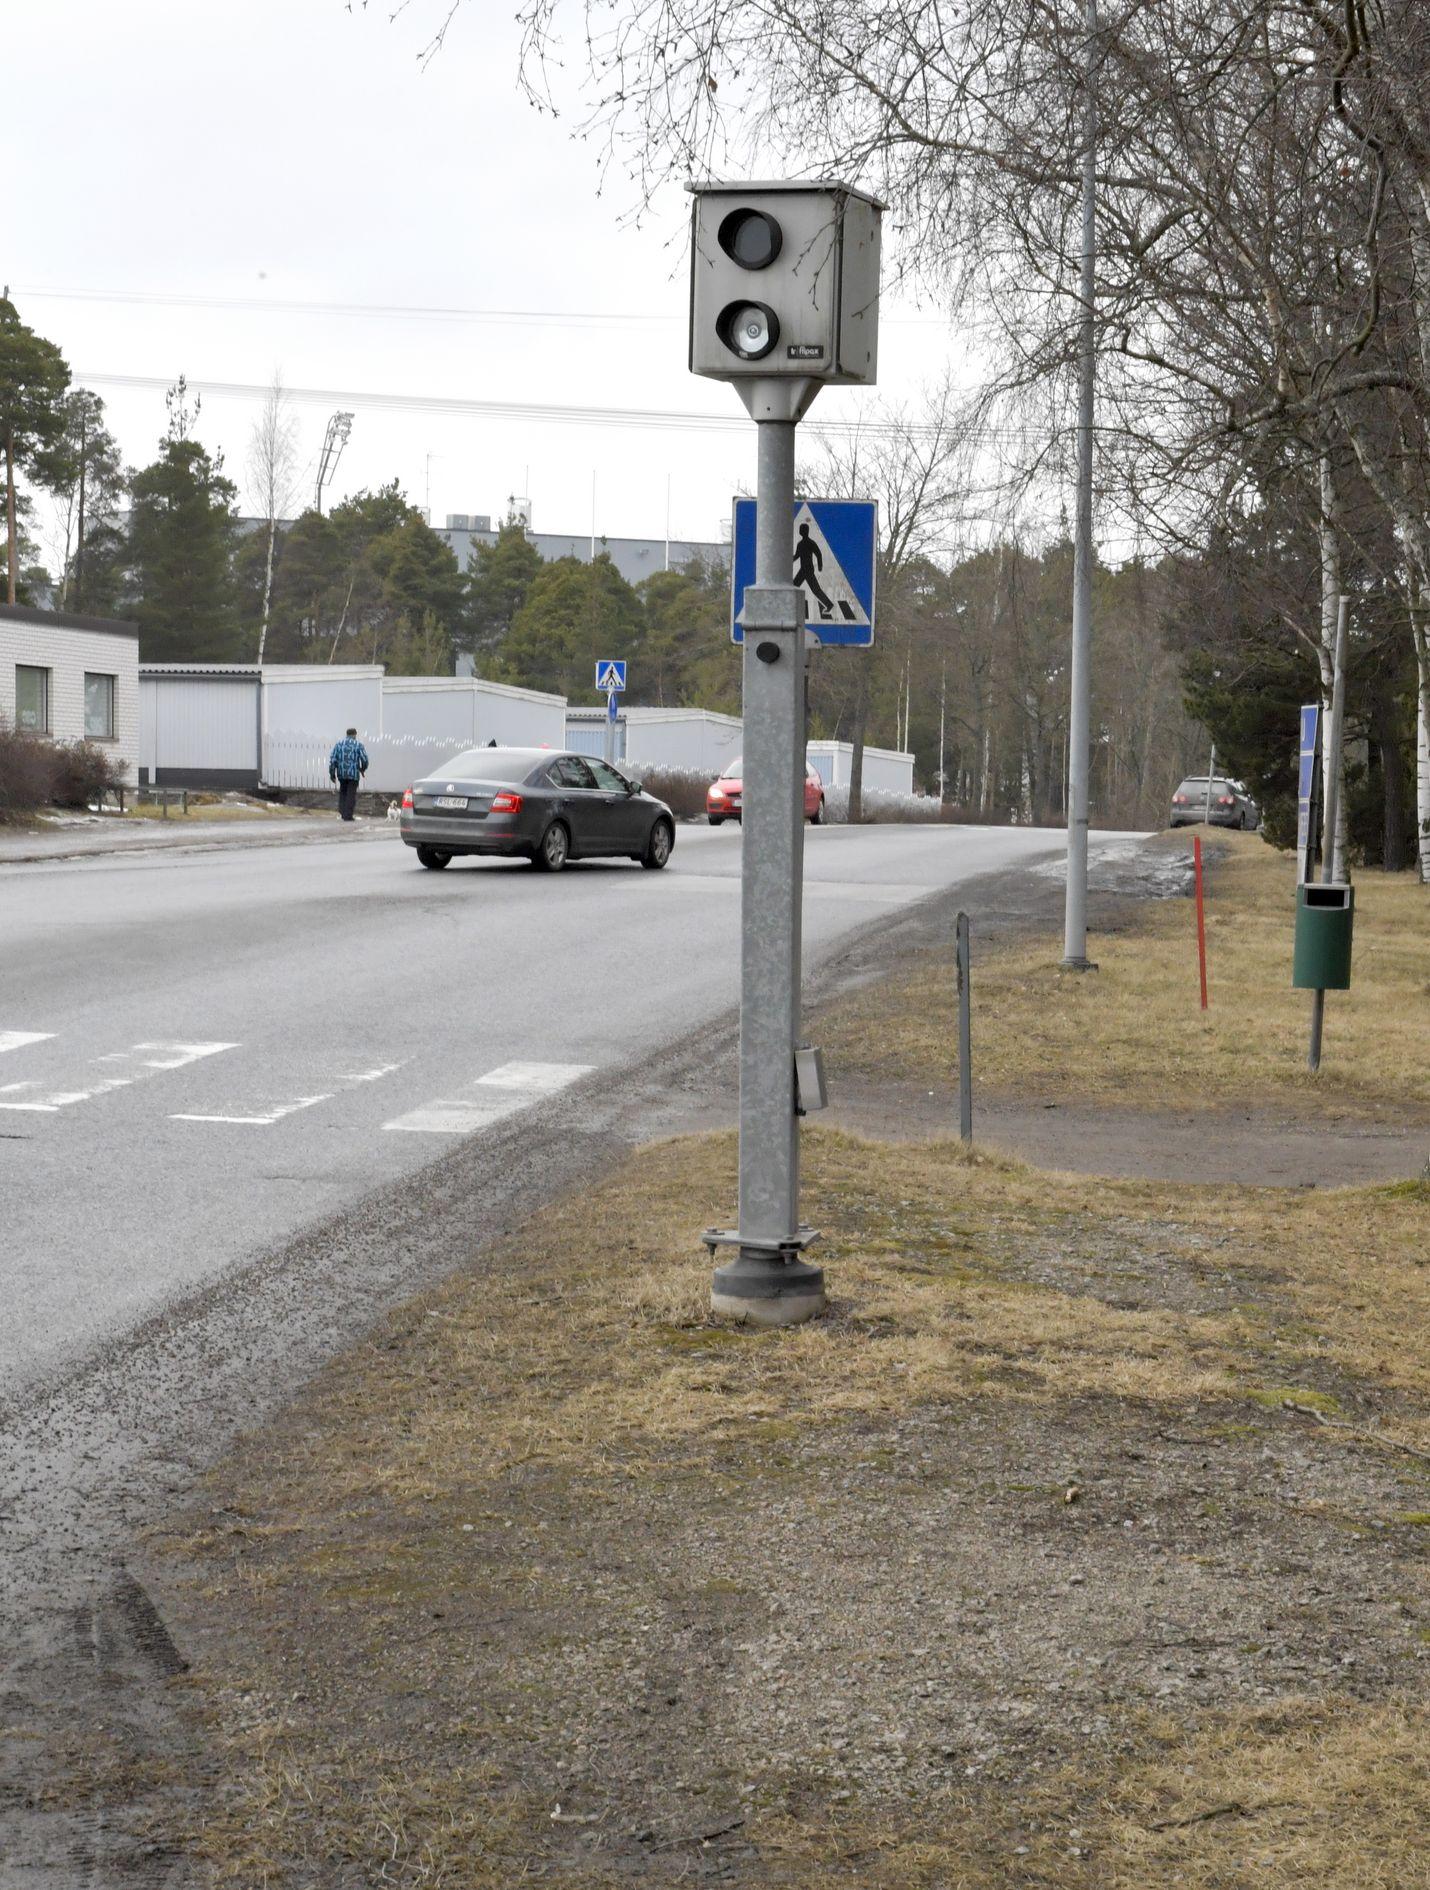 Poliisin liikenneturvallisuuden valvonta näyttää olevan nykyisin pelkästään autoilijoiden nopeuden valvontaa ja mittaamista, jota tekevät pääosin peltipoliisit, tuumaa mielipidekirjoittaja.